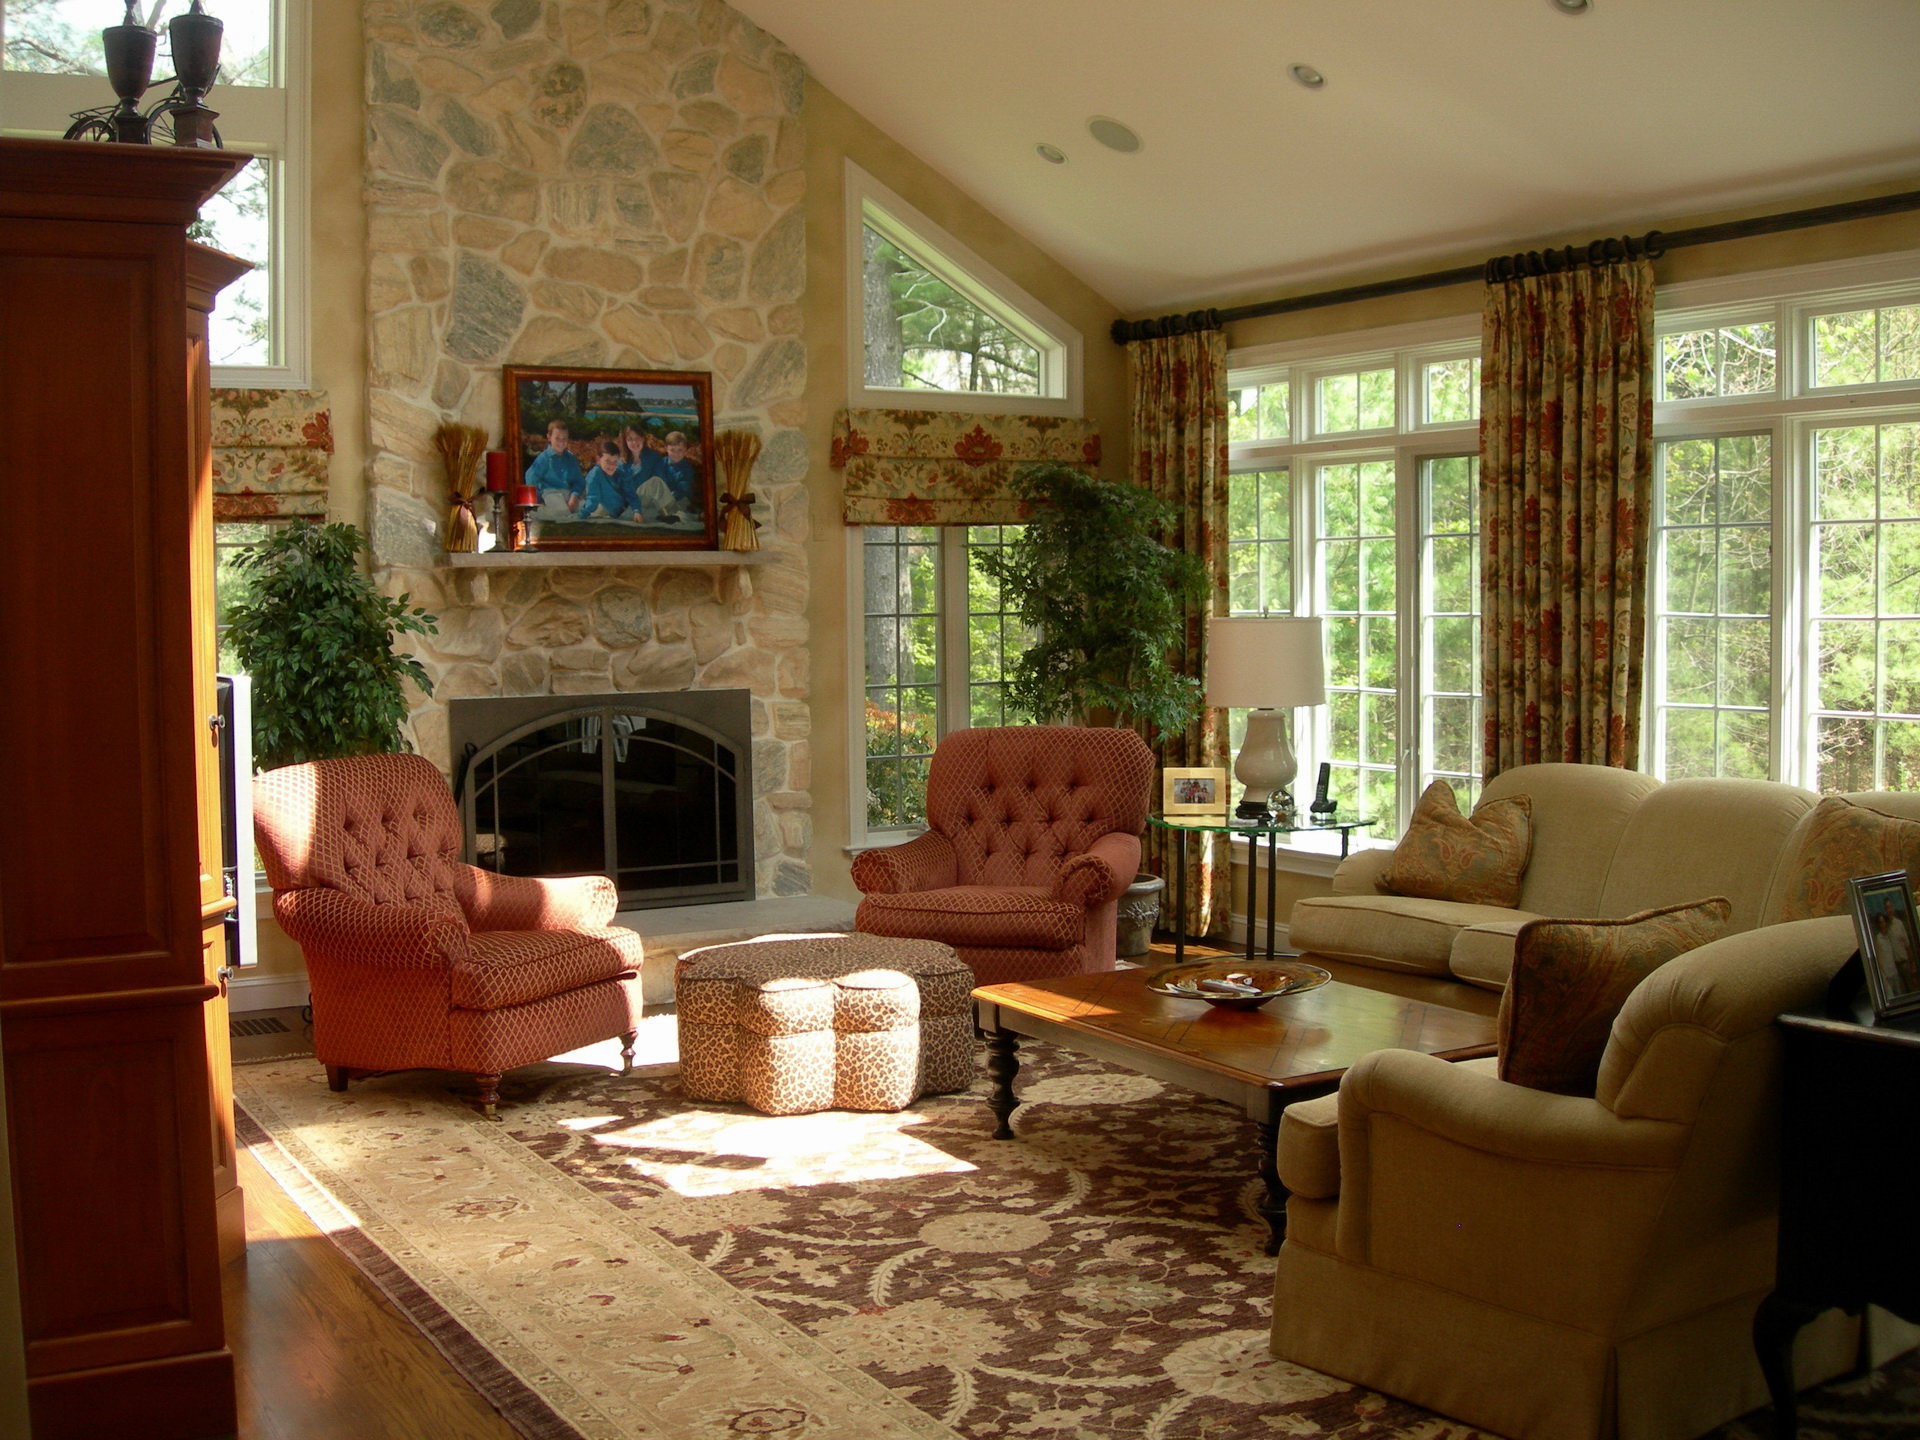 fotos wohnzimmer zimmer innenarchitektur sessel teppich. Black Bedroom Furniture Sets. Home Design Ideas